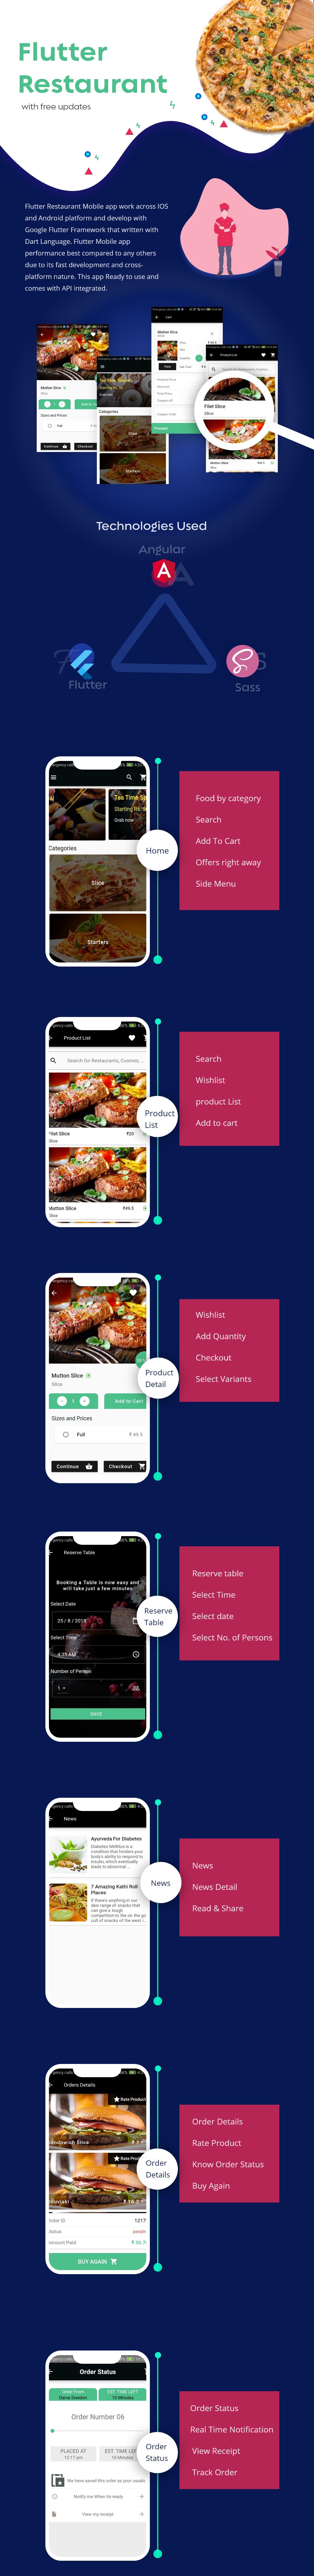 Flutter Restaurant App - 3